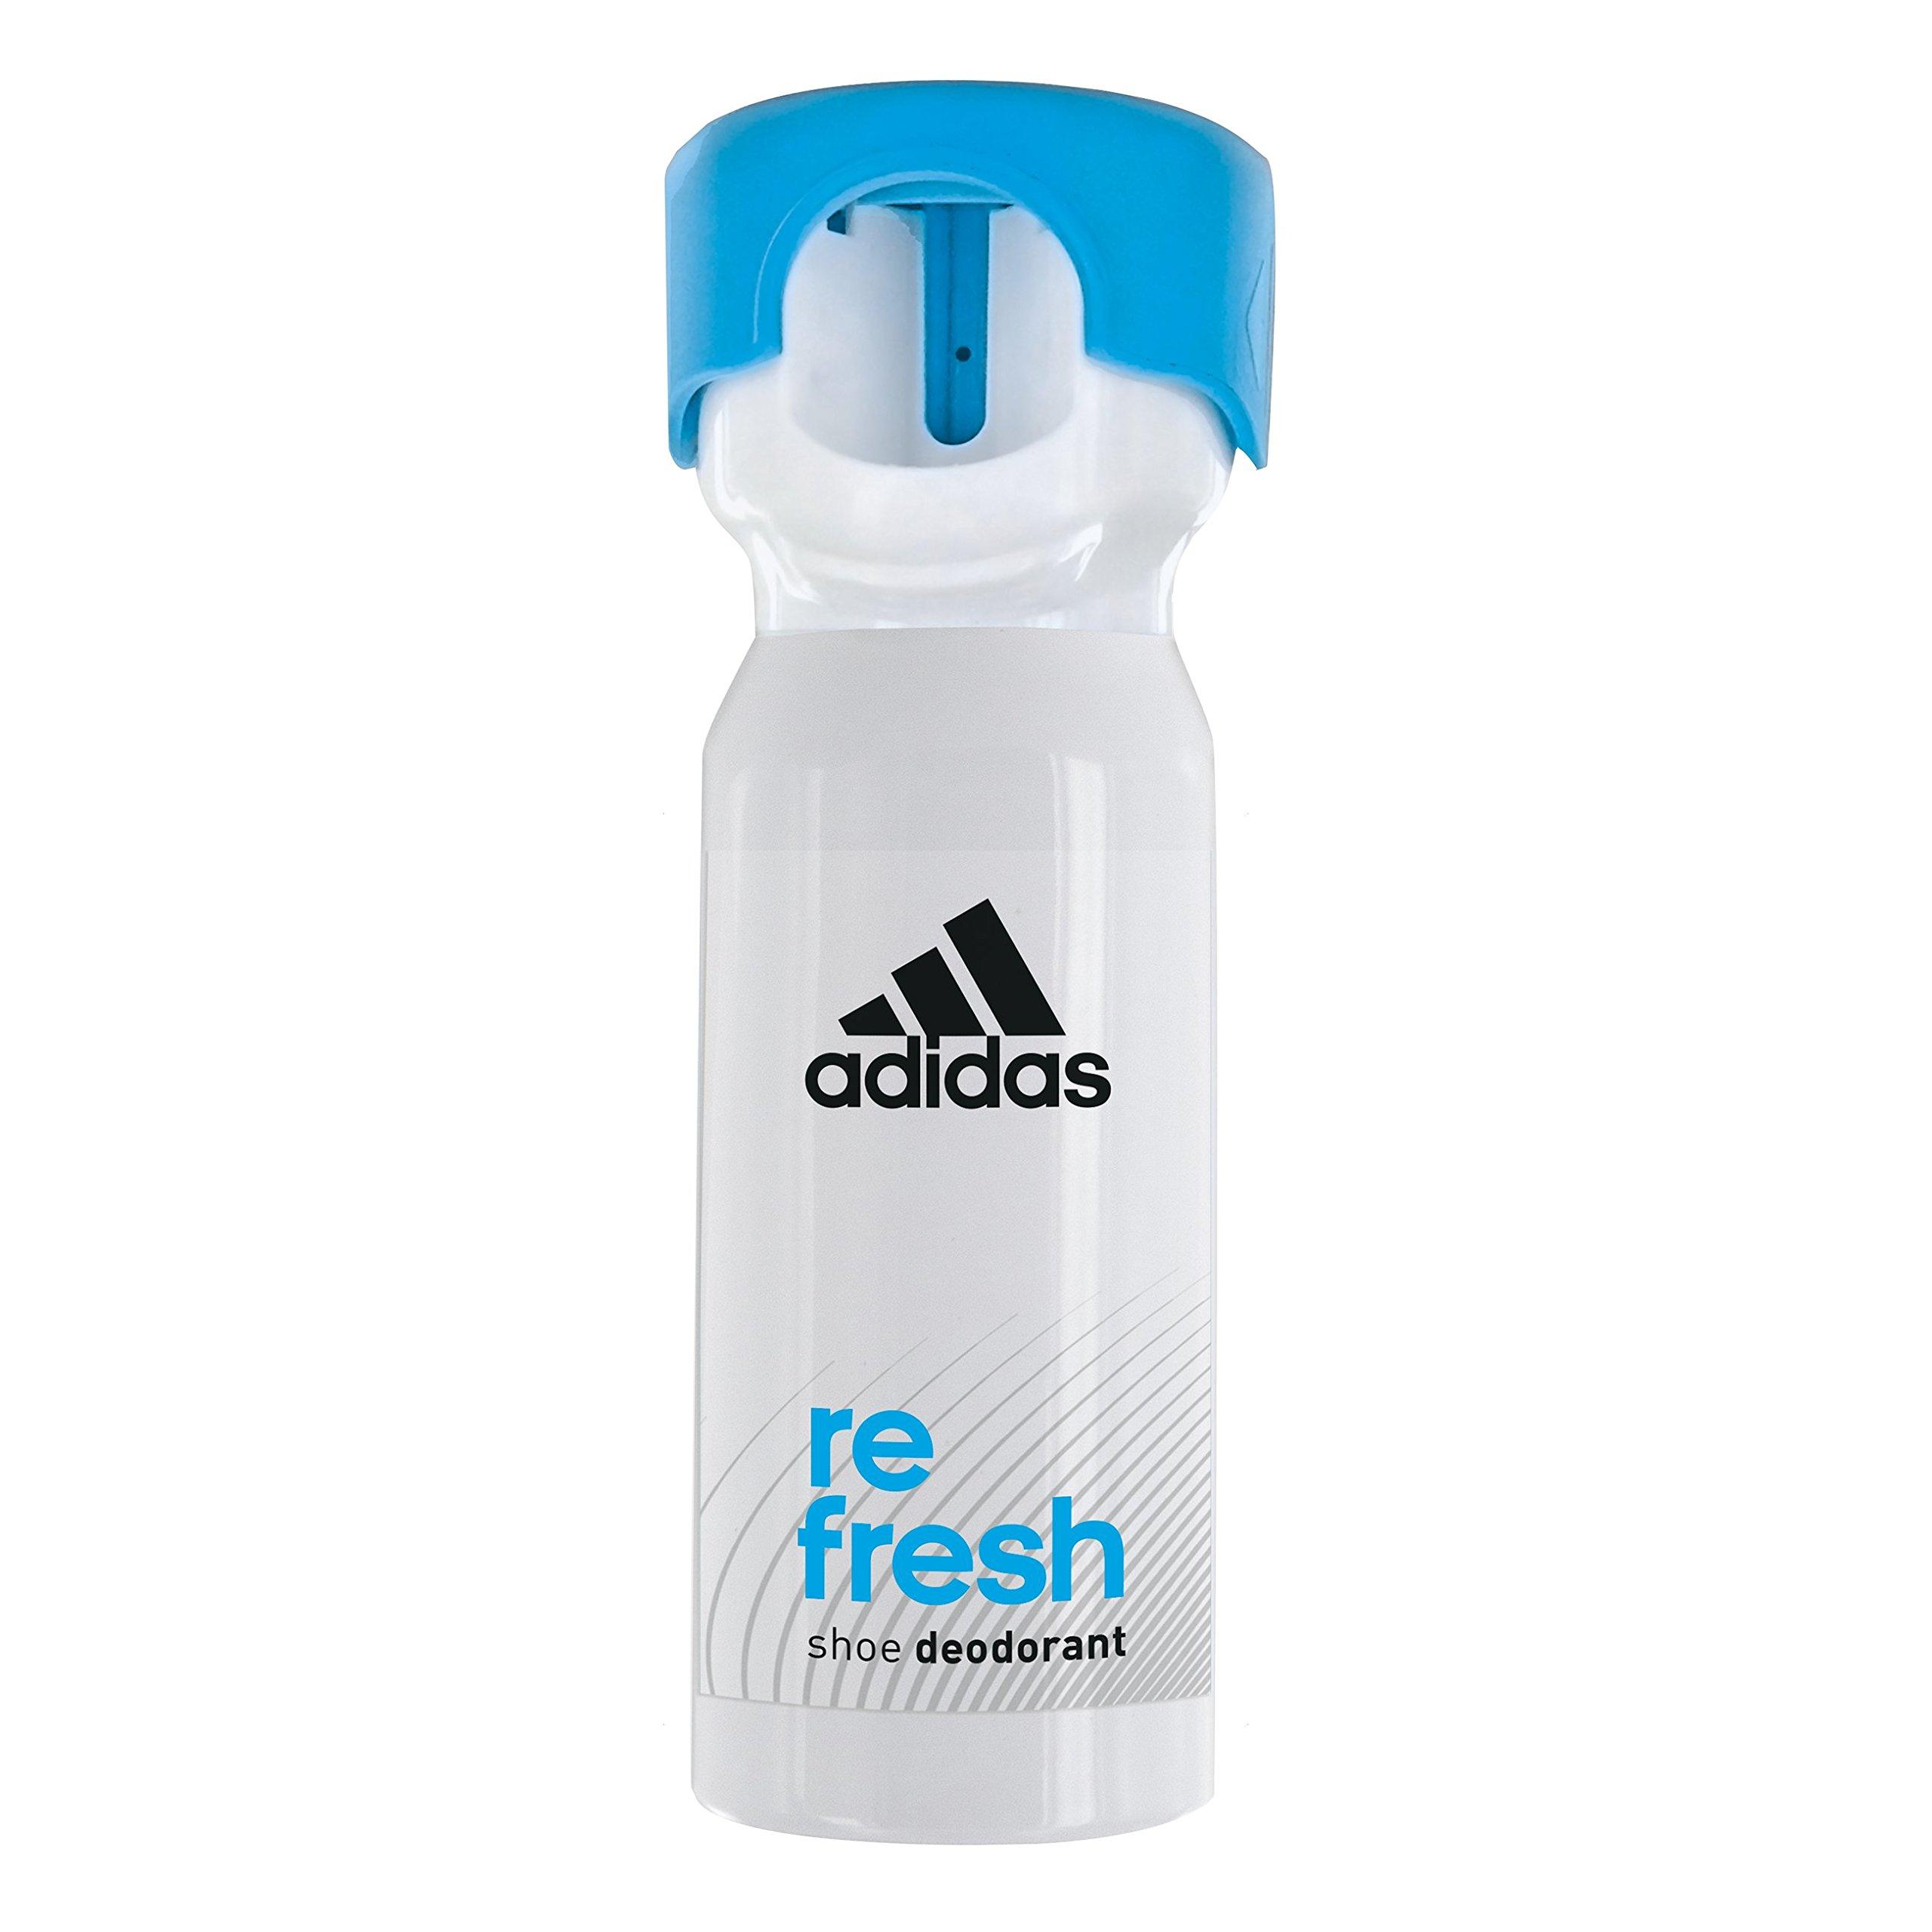 Adidas Shoe Care Adidas Re Fresh/ 3.38 OZ/Shoe Deodorant Spray ...